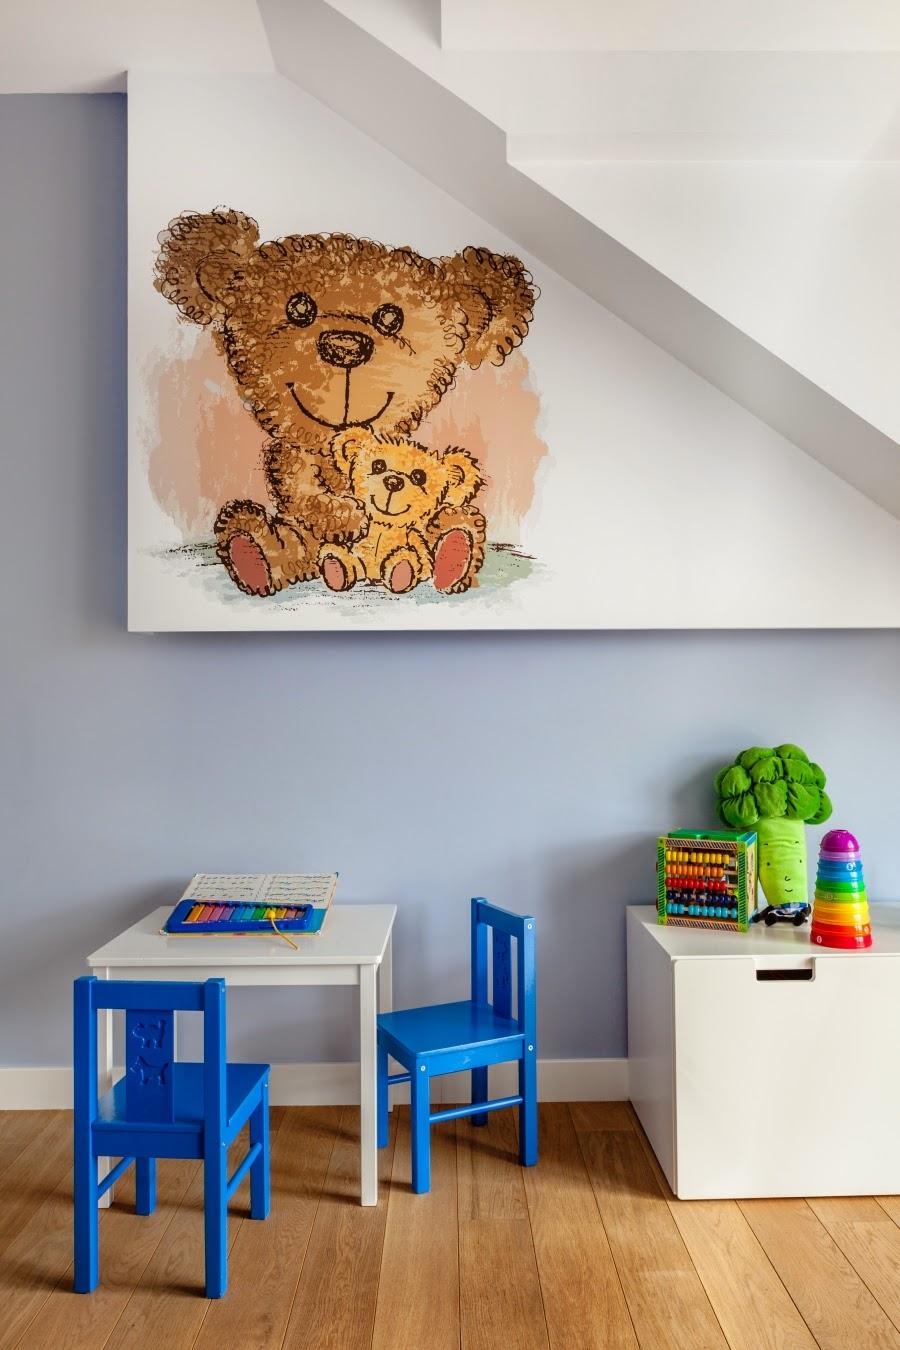 wnętrza, wystrój wnętrz, dom, mieszkanie, aranżacja, home decor, dekoracje, styl nowoczesny, biel i czerń, lampy, pokój dla dziecka, pokój dziecinny